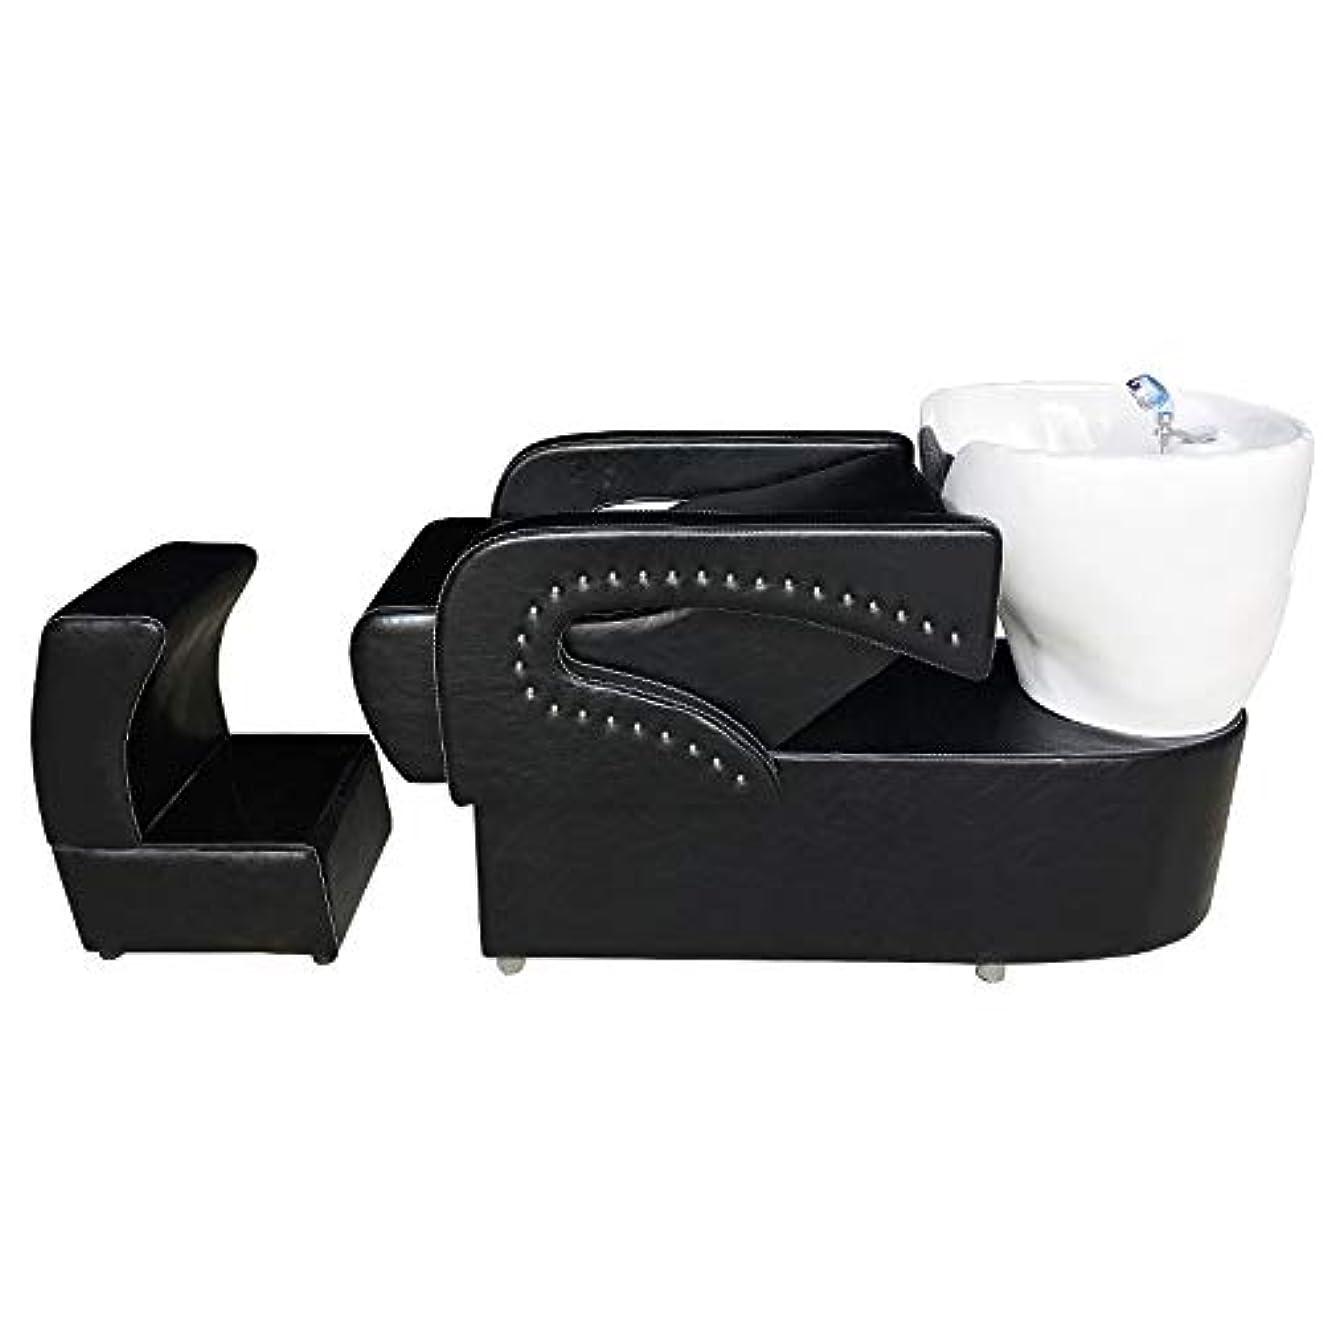 マイルド振動させるチェスシャンプーの理髪師の逆洗の椅子、鉱泉の美容院のためのシャンプーボールの流しの椅子は半くぼみのフラッシュベッドを流します